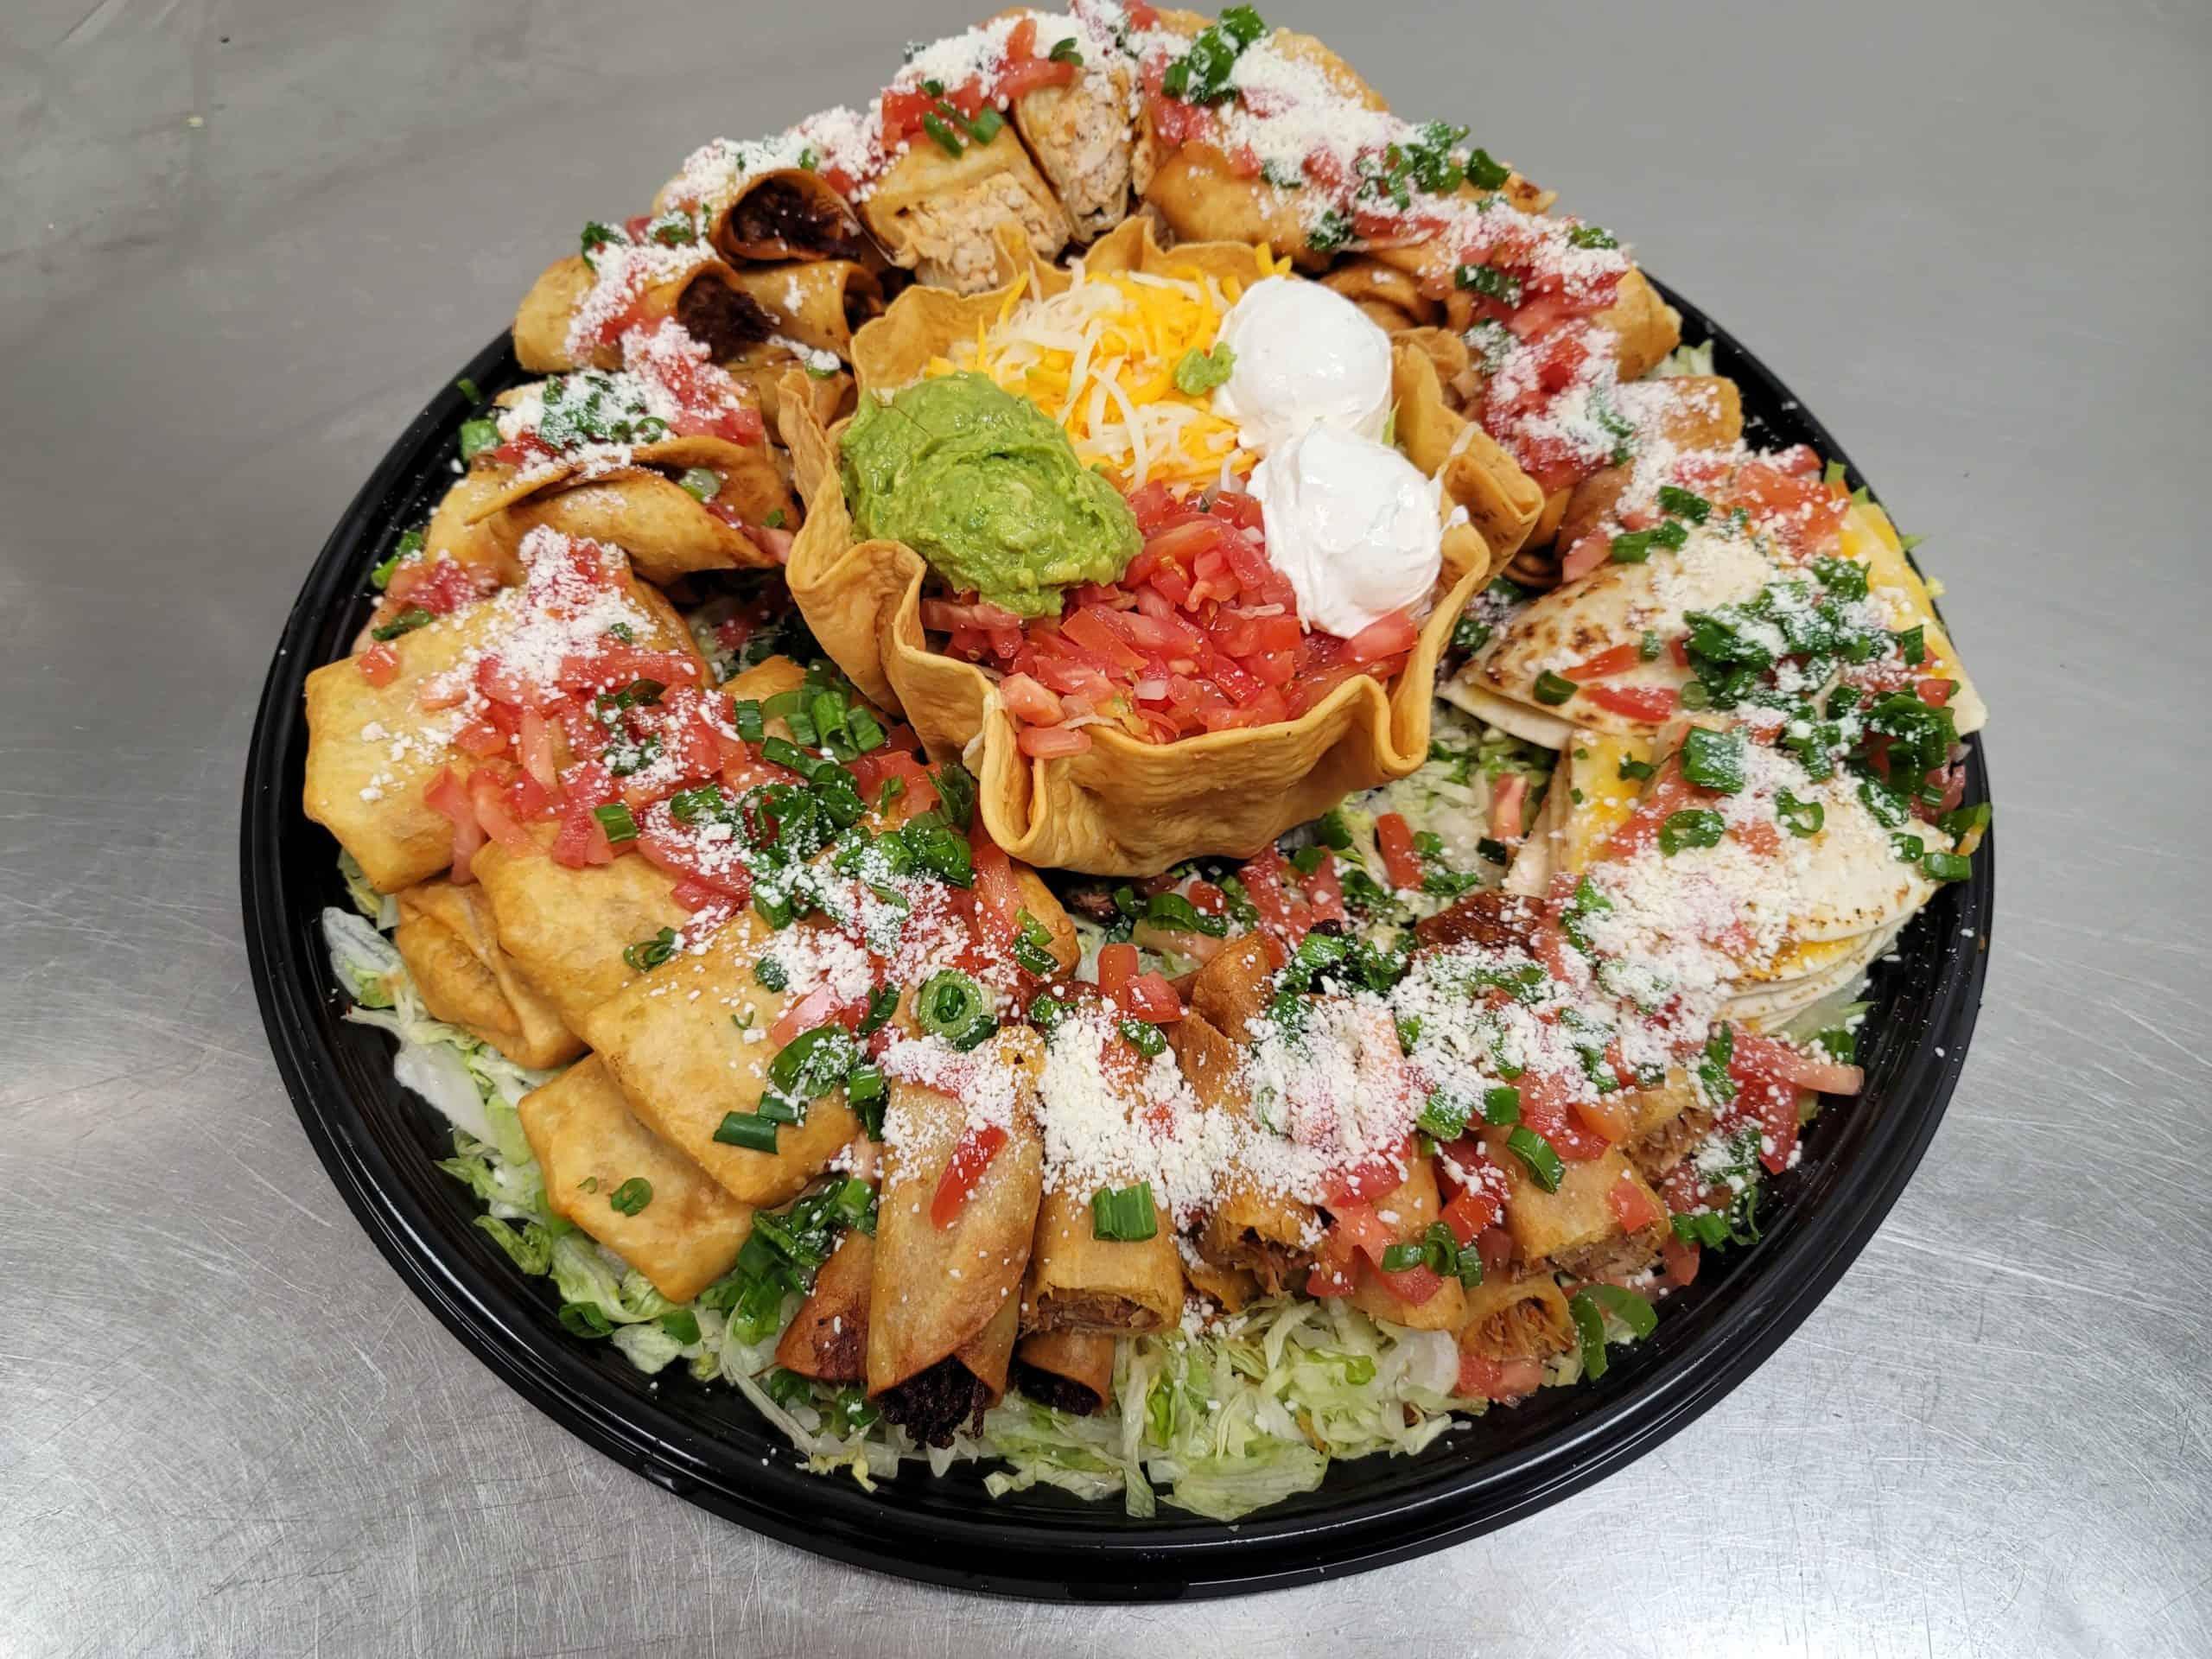 Fiesta Platter for 8